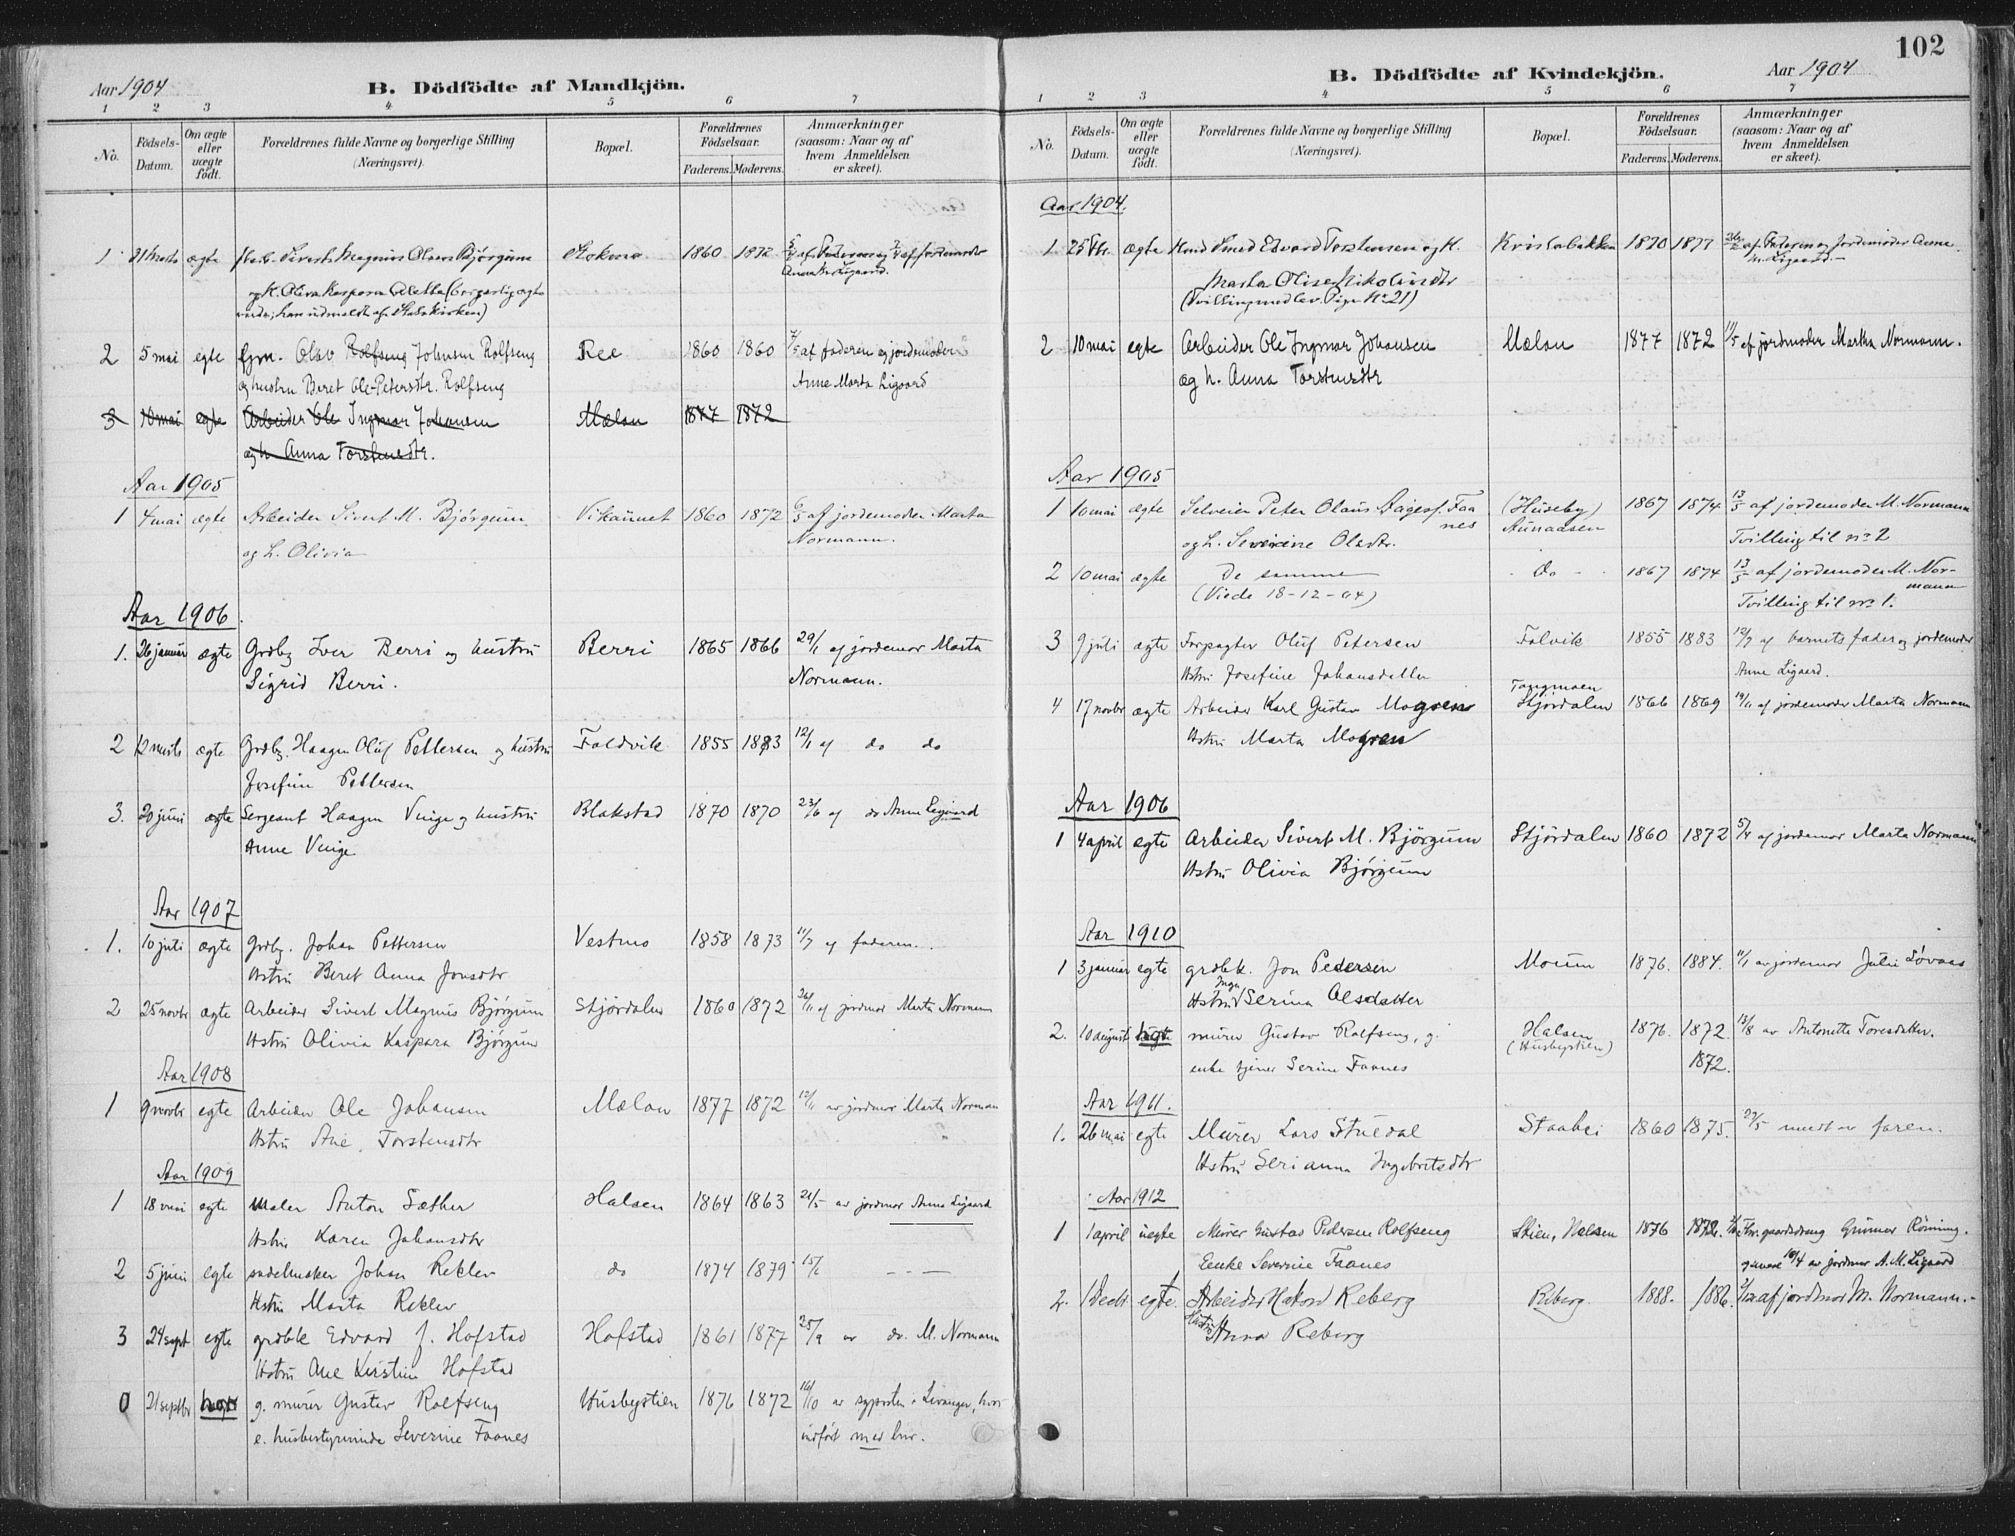 SAT, Ministerialprotokoller, klokkerbøker og fødselsregistre - Nord-Trøndelag, 709/L0082: Ministerialbok nr. 709A22, 1896-1916, s. 102